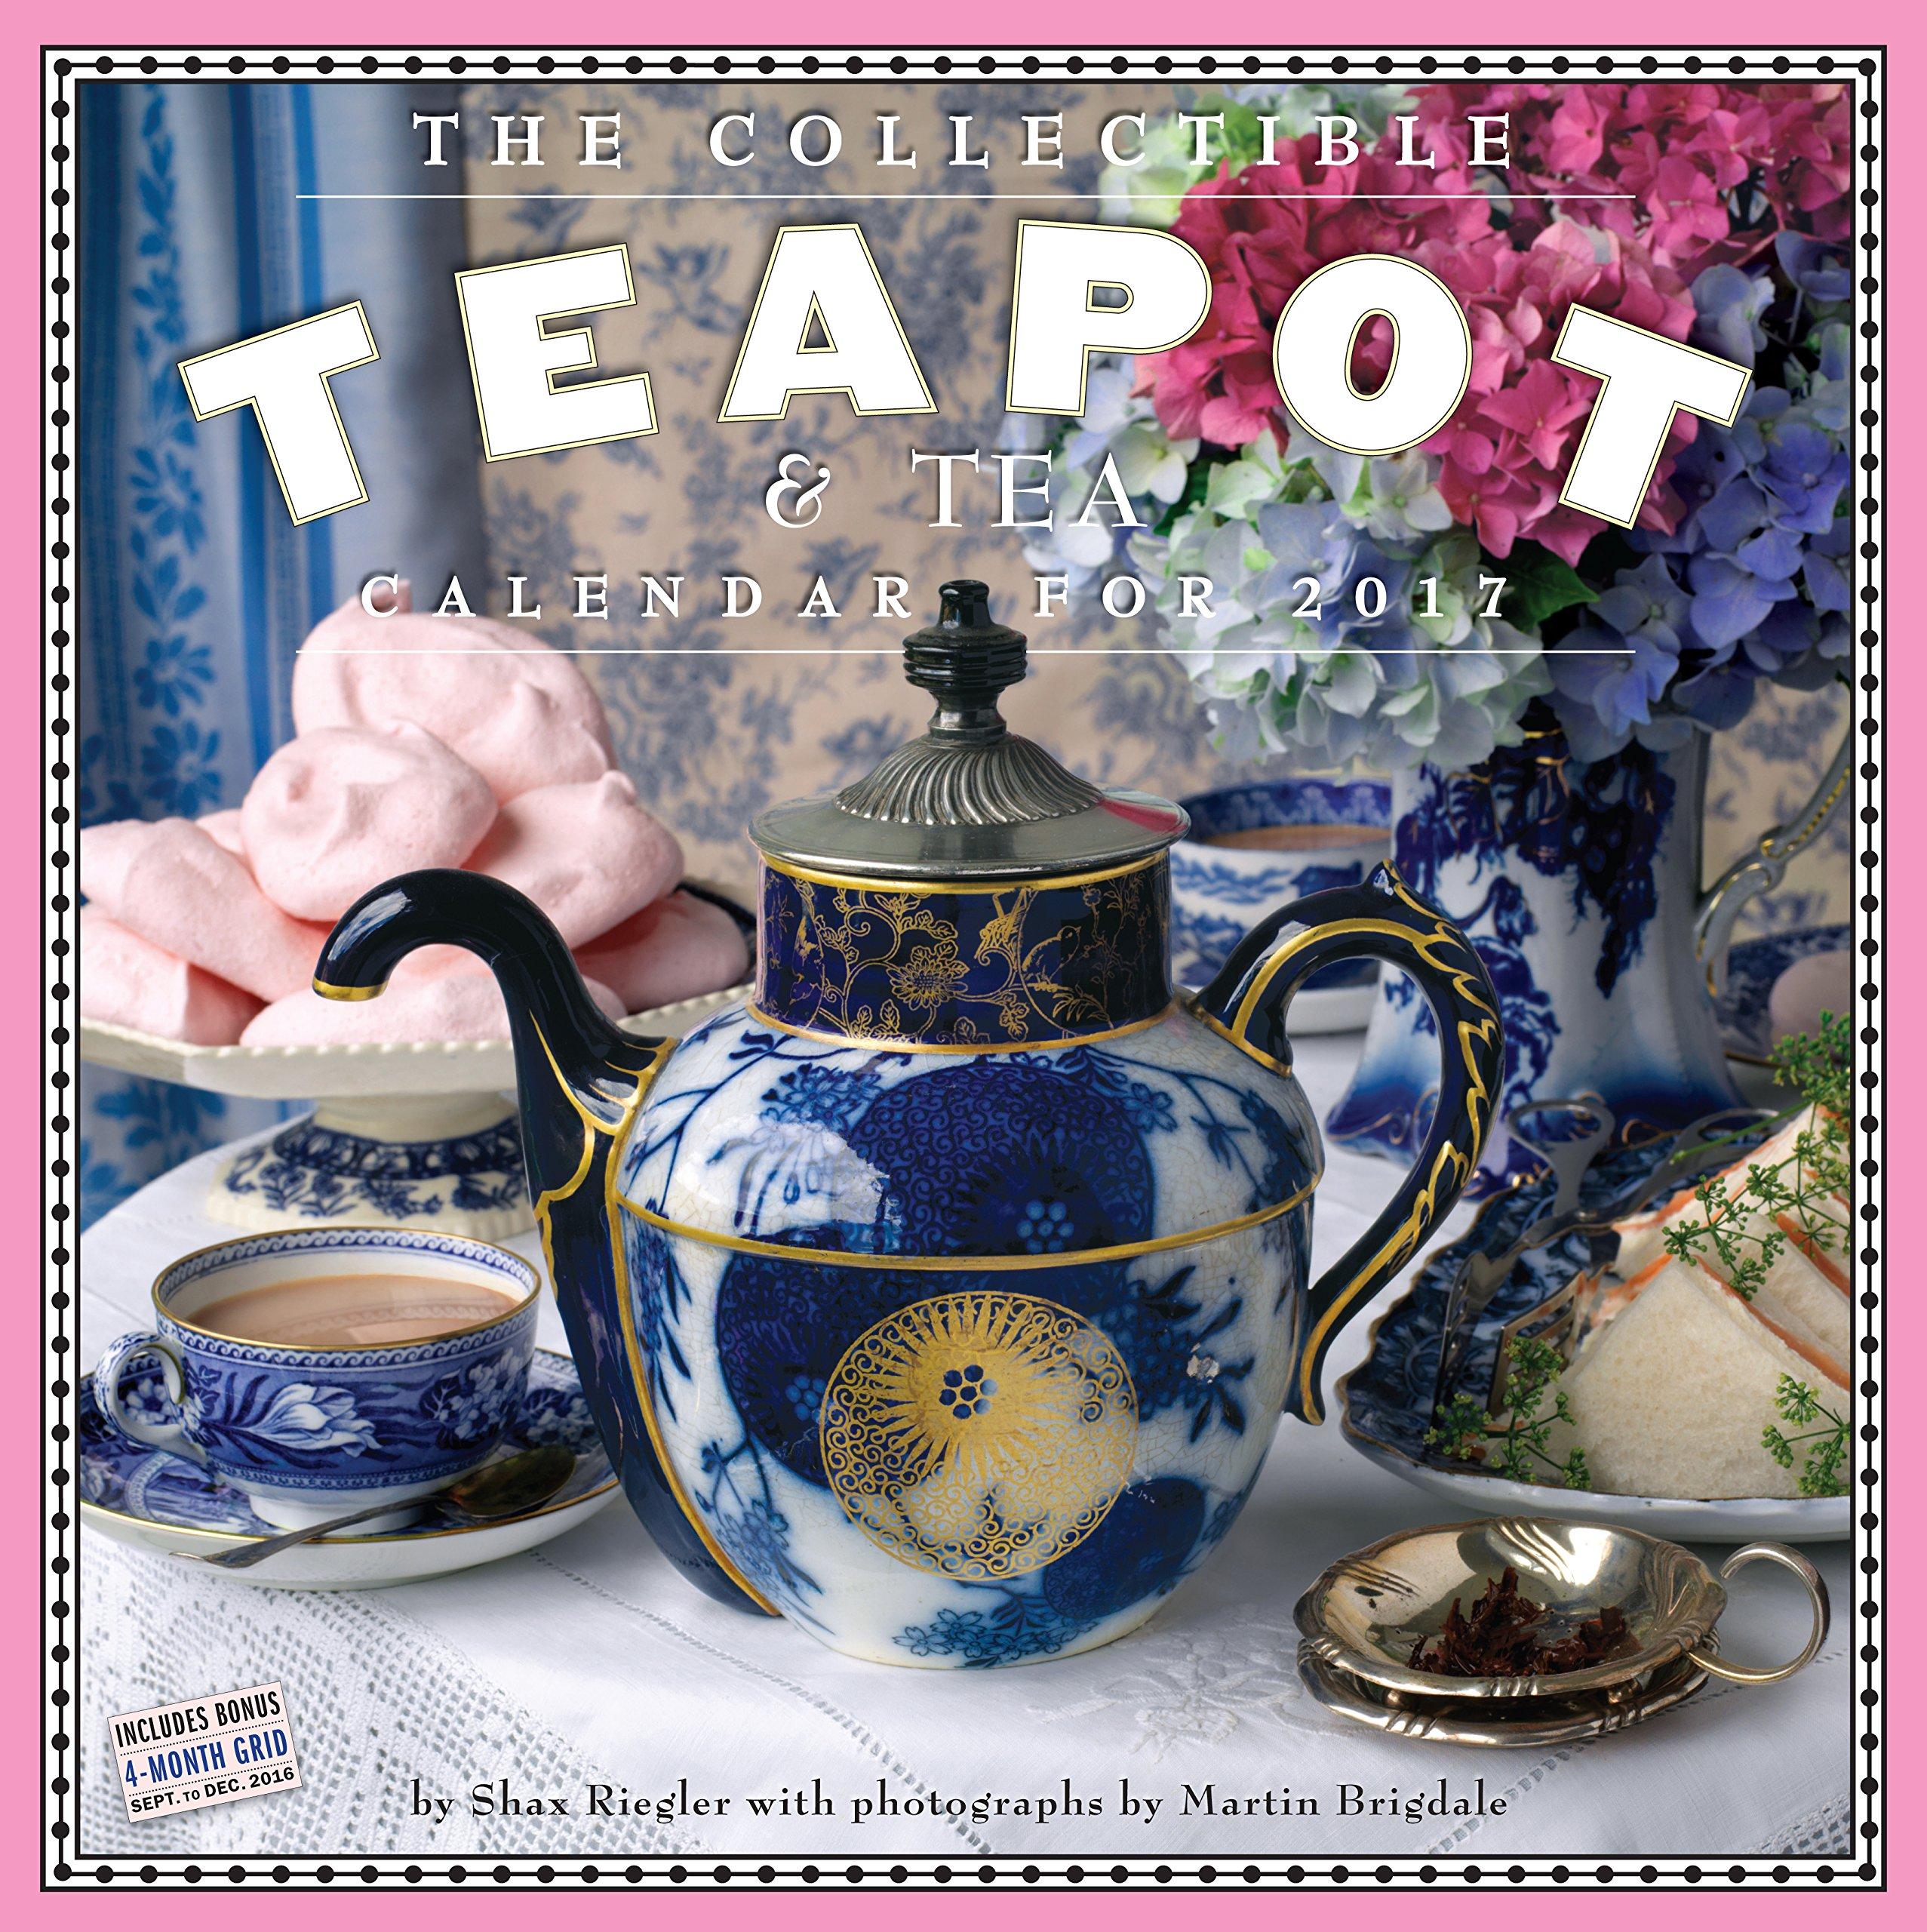 The Collectible Teapot & Tea Wall Calendar 2017 pdf